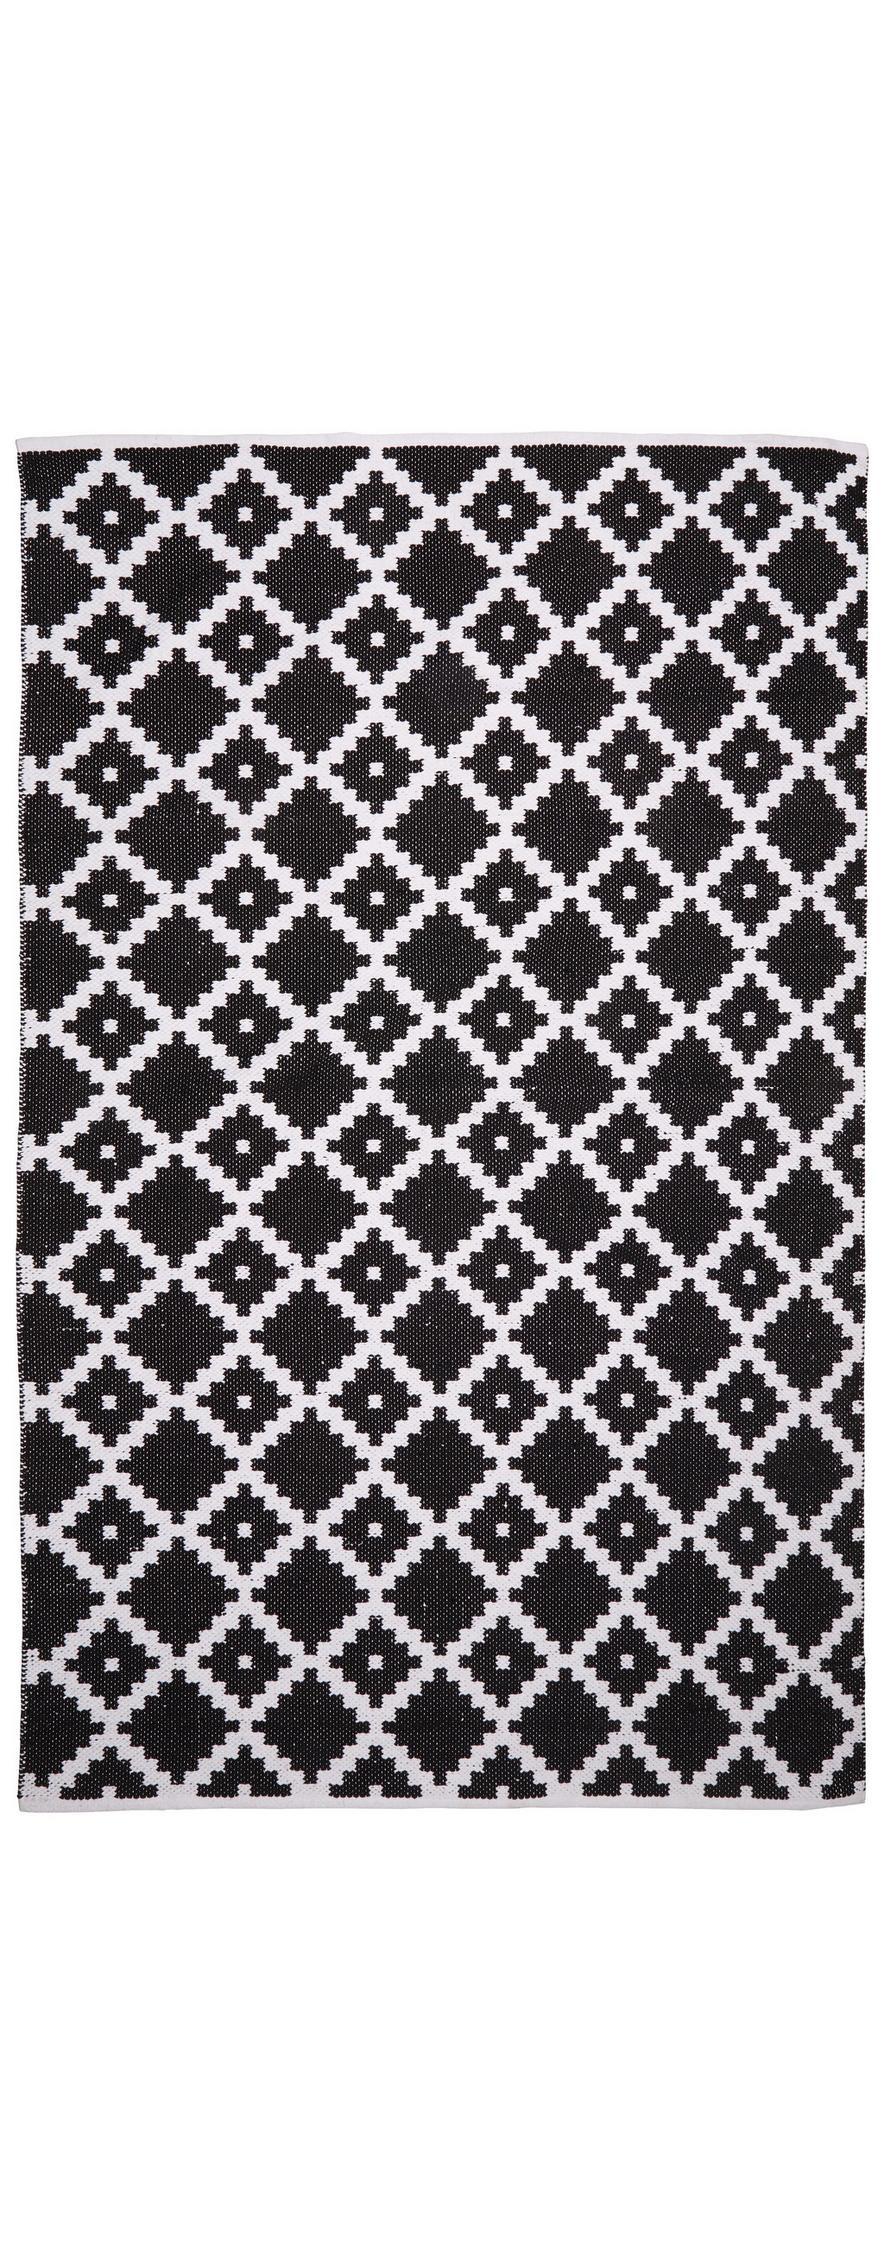 Full Size of Teppich Schwarz Weiß In Wei Online Bestellen Hängeschrank Hochglanz Wohnzimmer Weißes Schlafzimmer Weiße Regale Regal Metall Esstisch Oval Bad Sofa Bett Wohnzimmer Teppich Schwarz Weiß